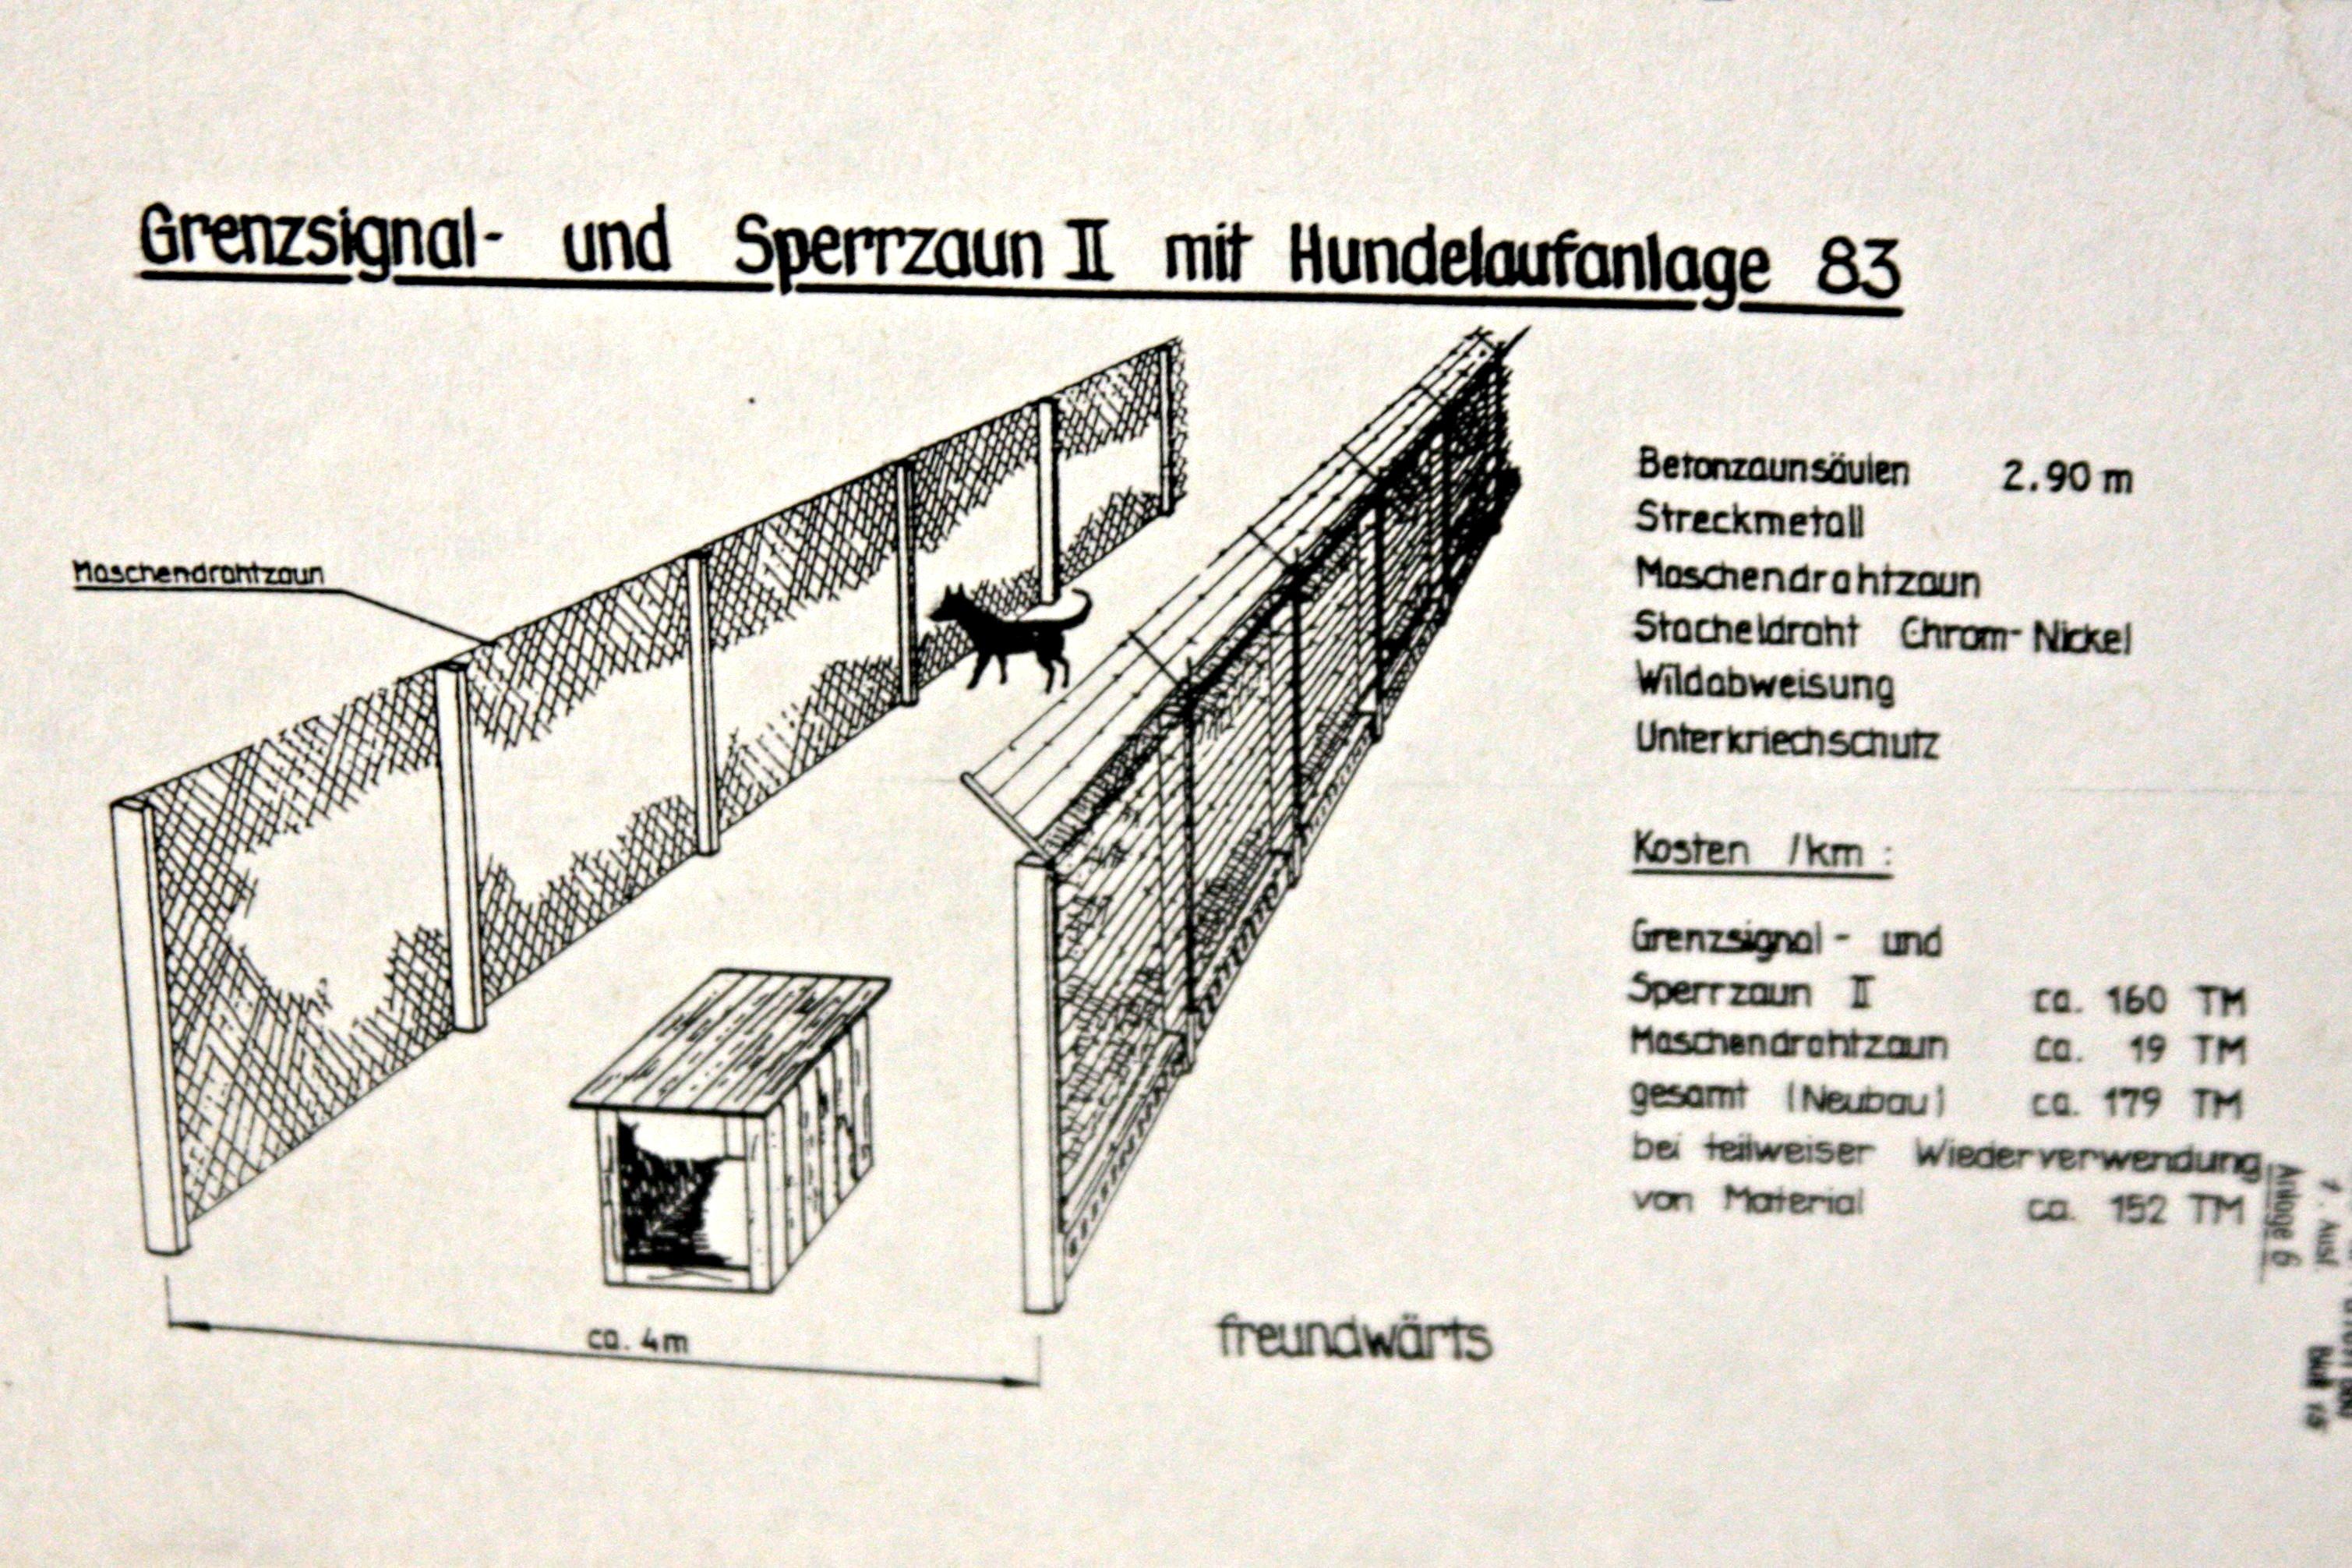 Hundelaufanlage-Zeichnung